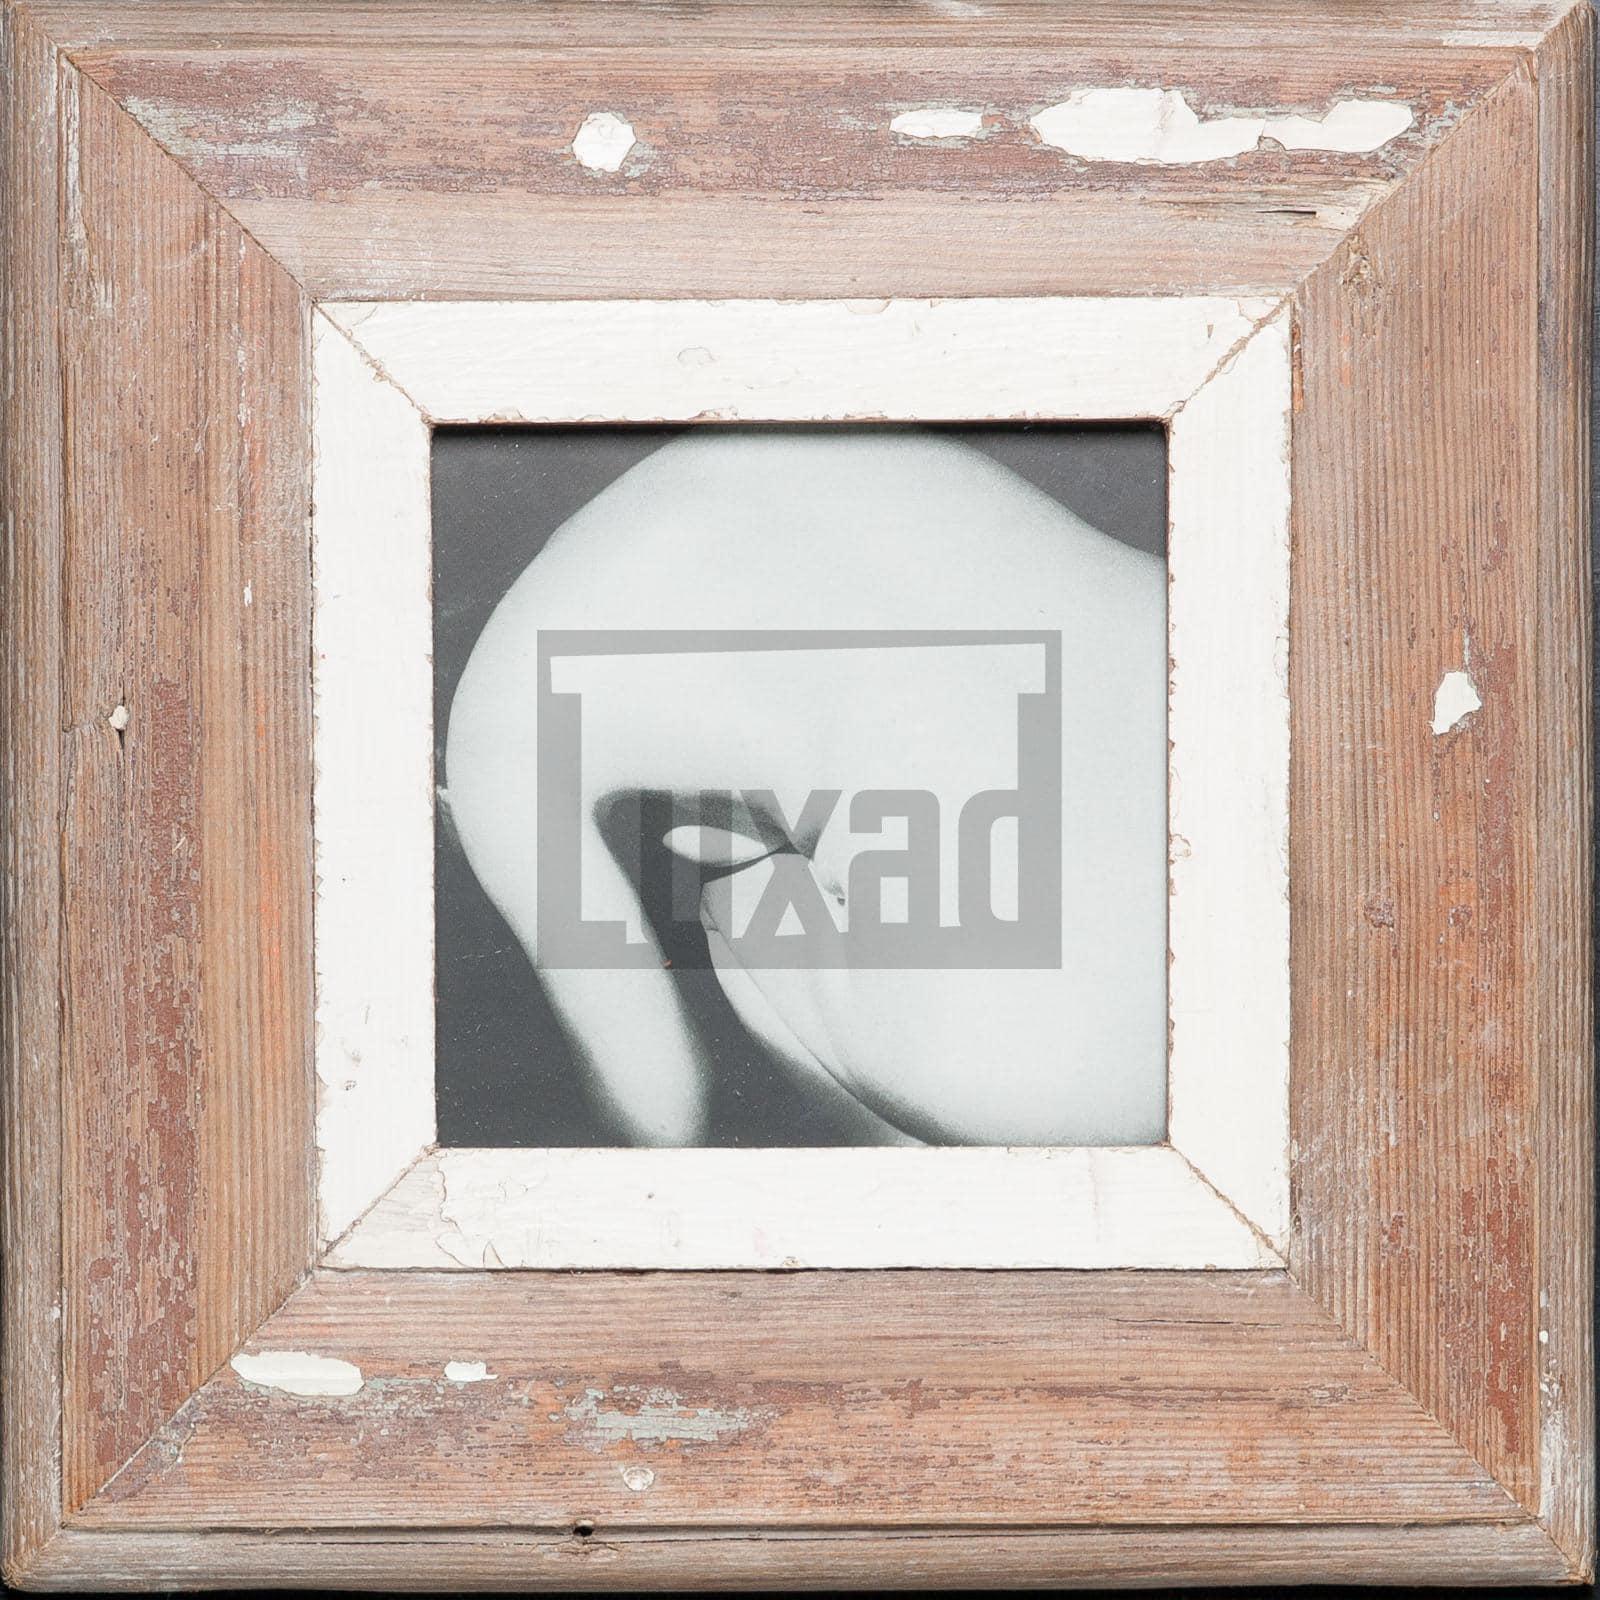 Quadratischer Bilderrahmen aus alten Holzleisten für ca. 14,8 x 14,8 cm große Fotos